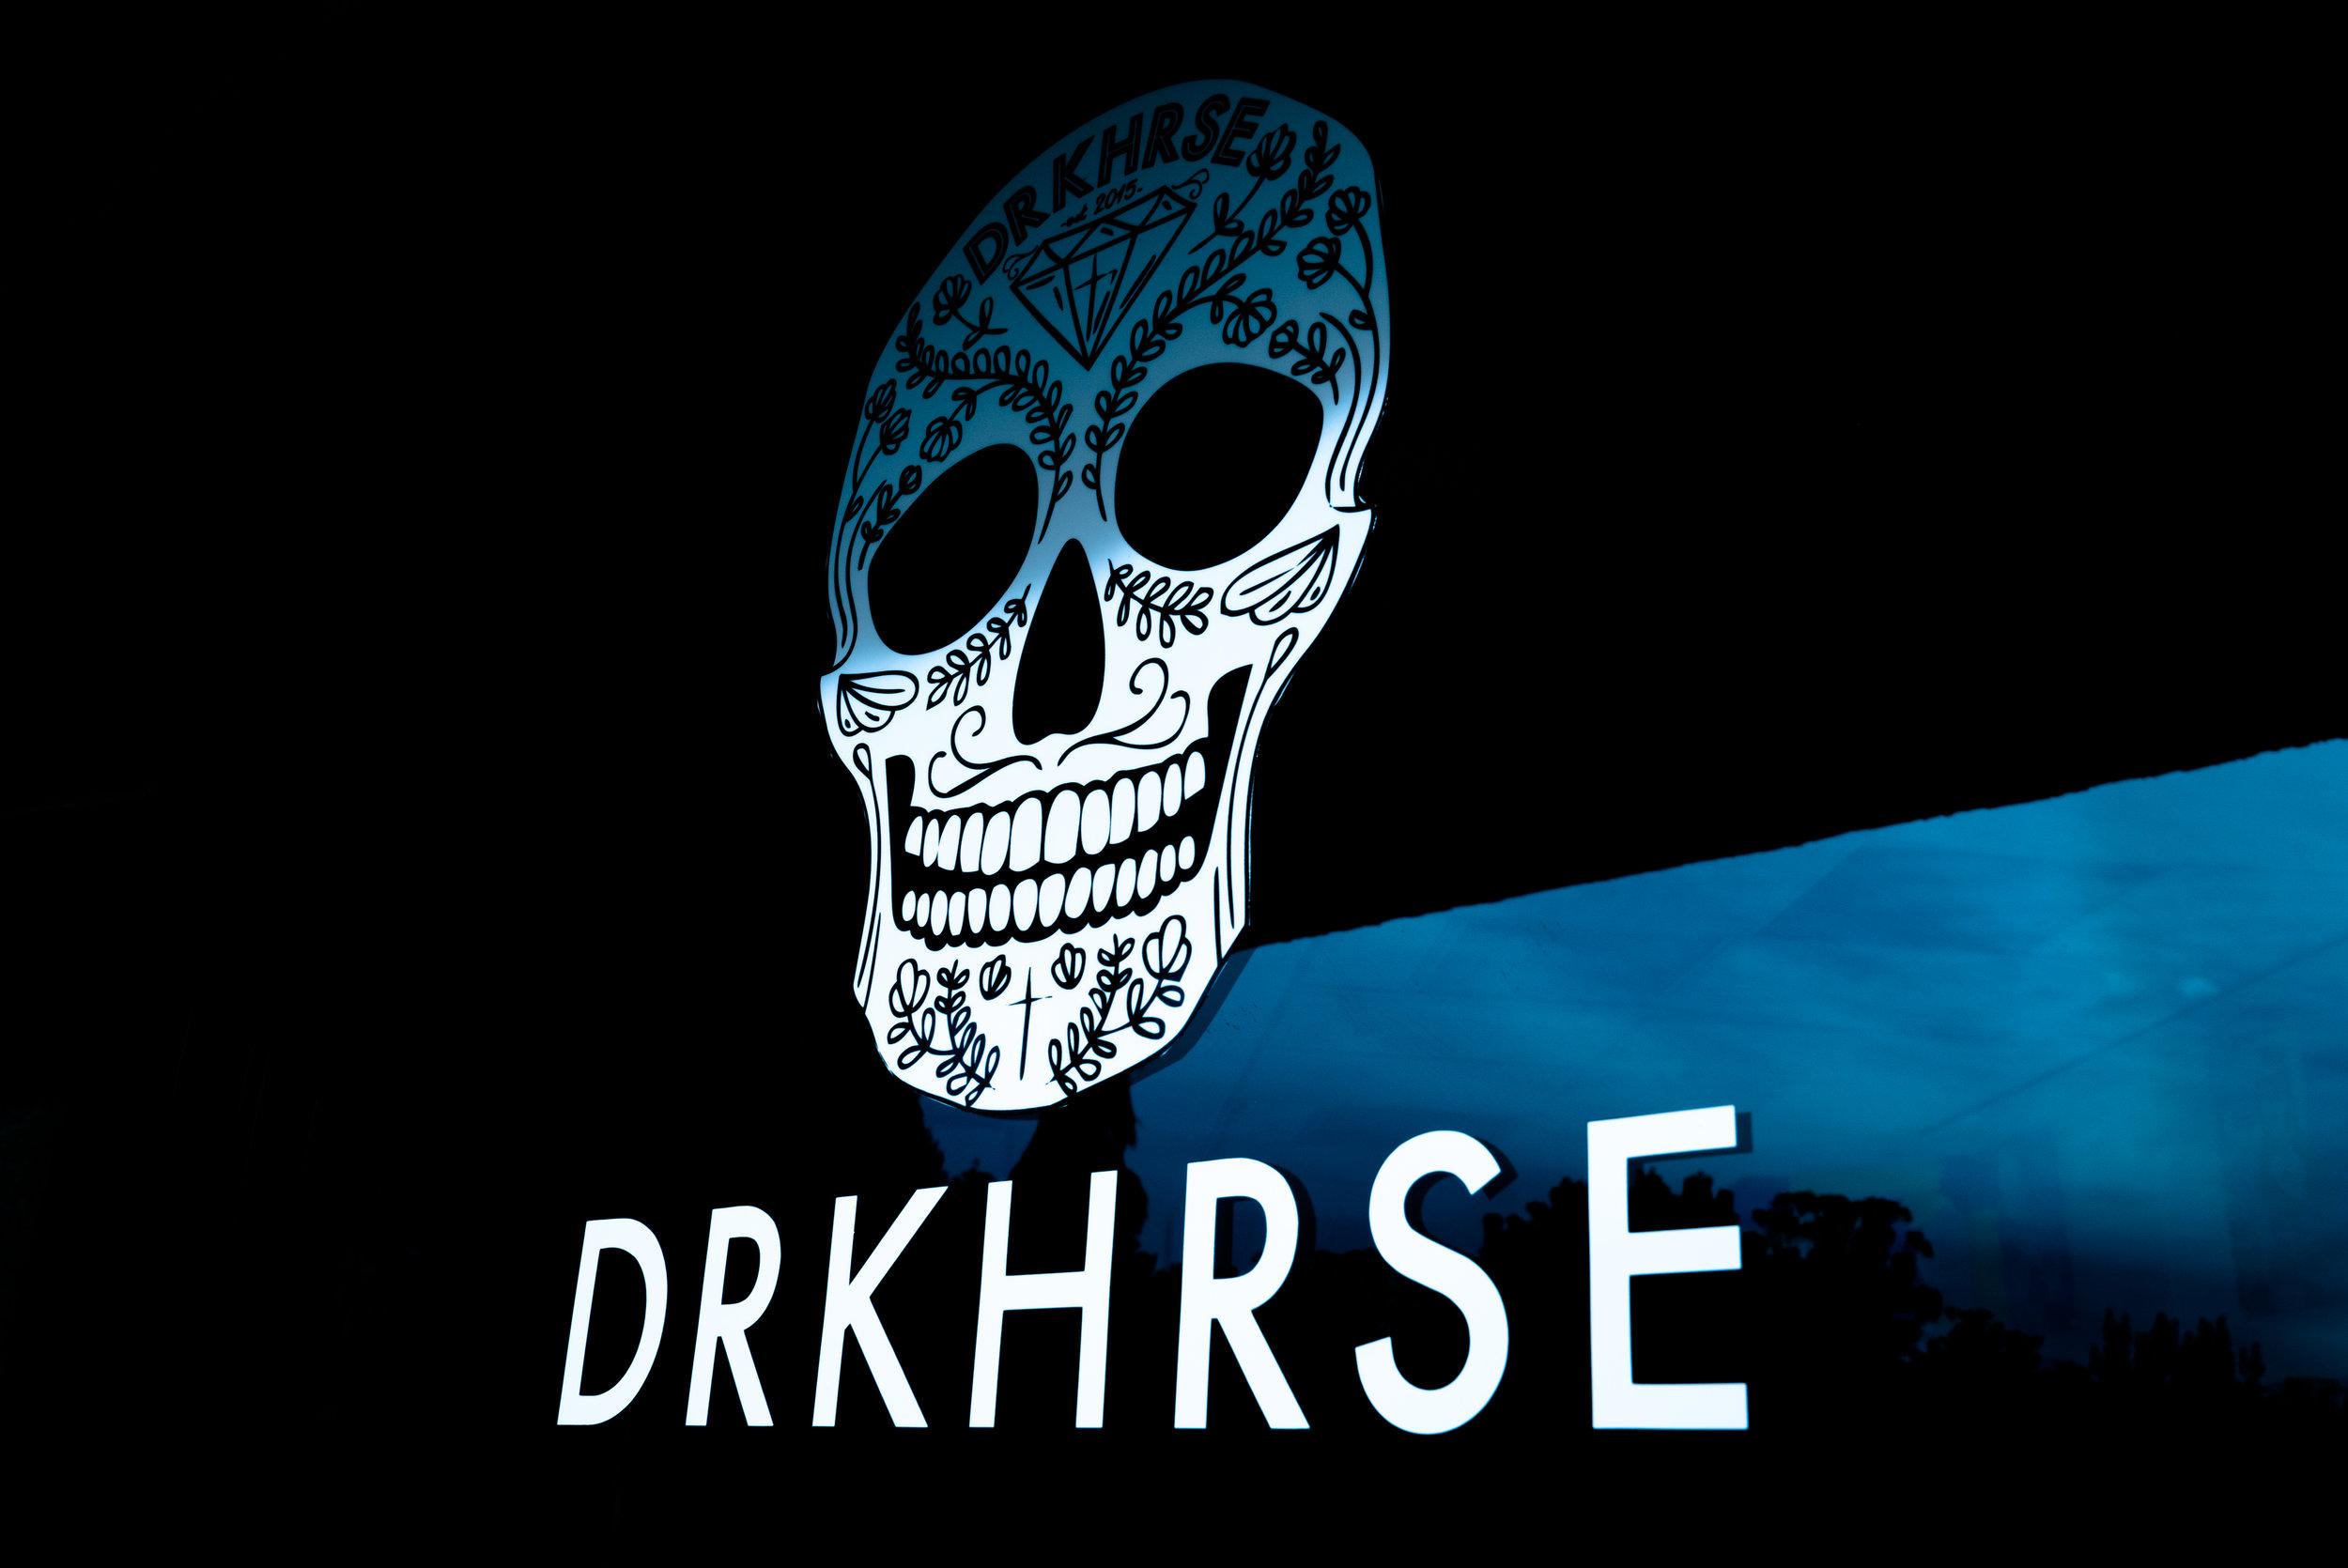 drkhrse (1 of 1).jpg